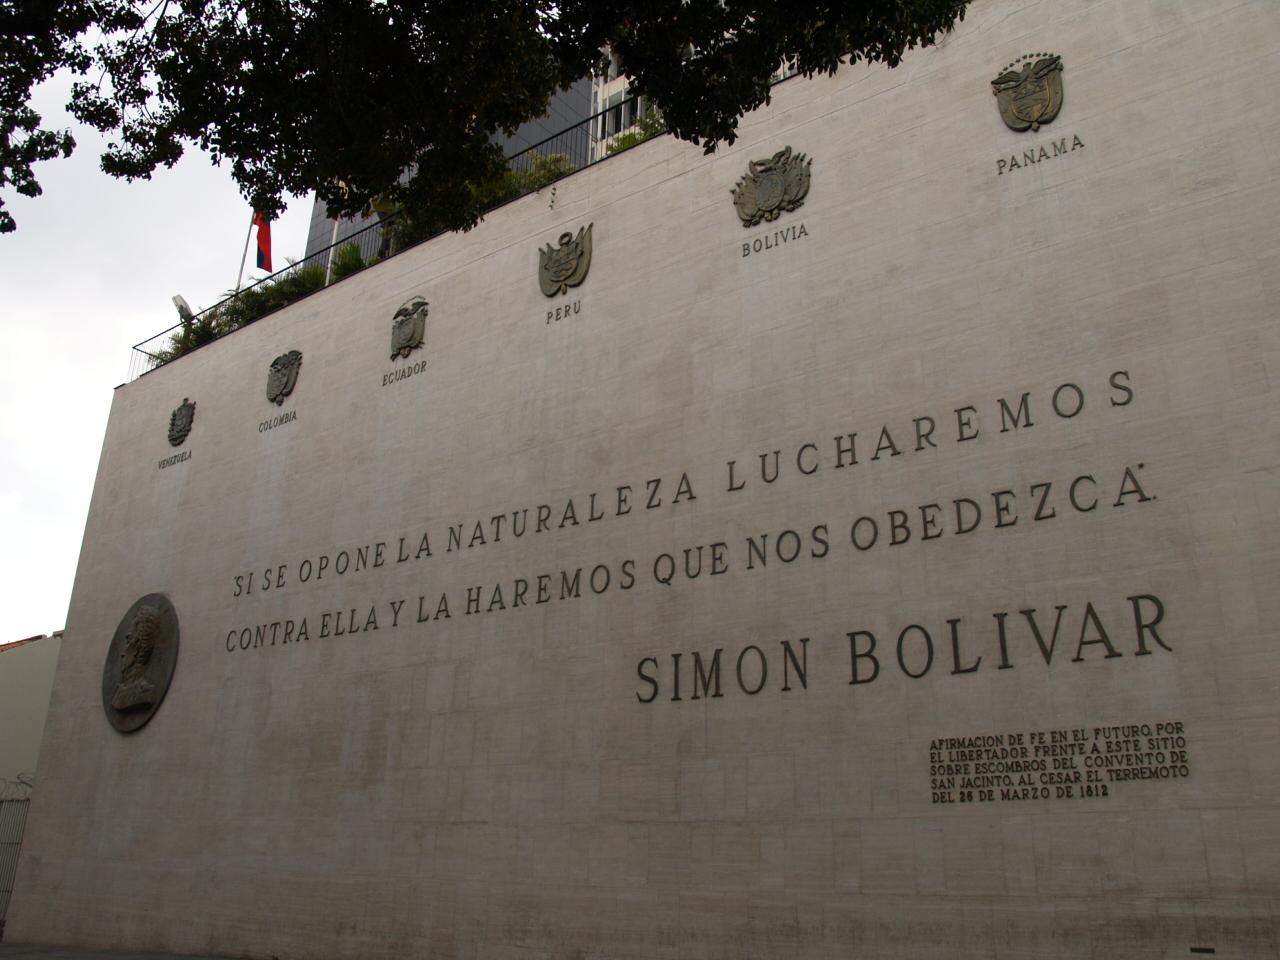 Zitat Simón Bolívar